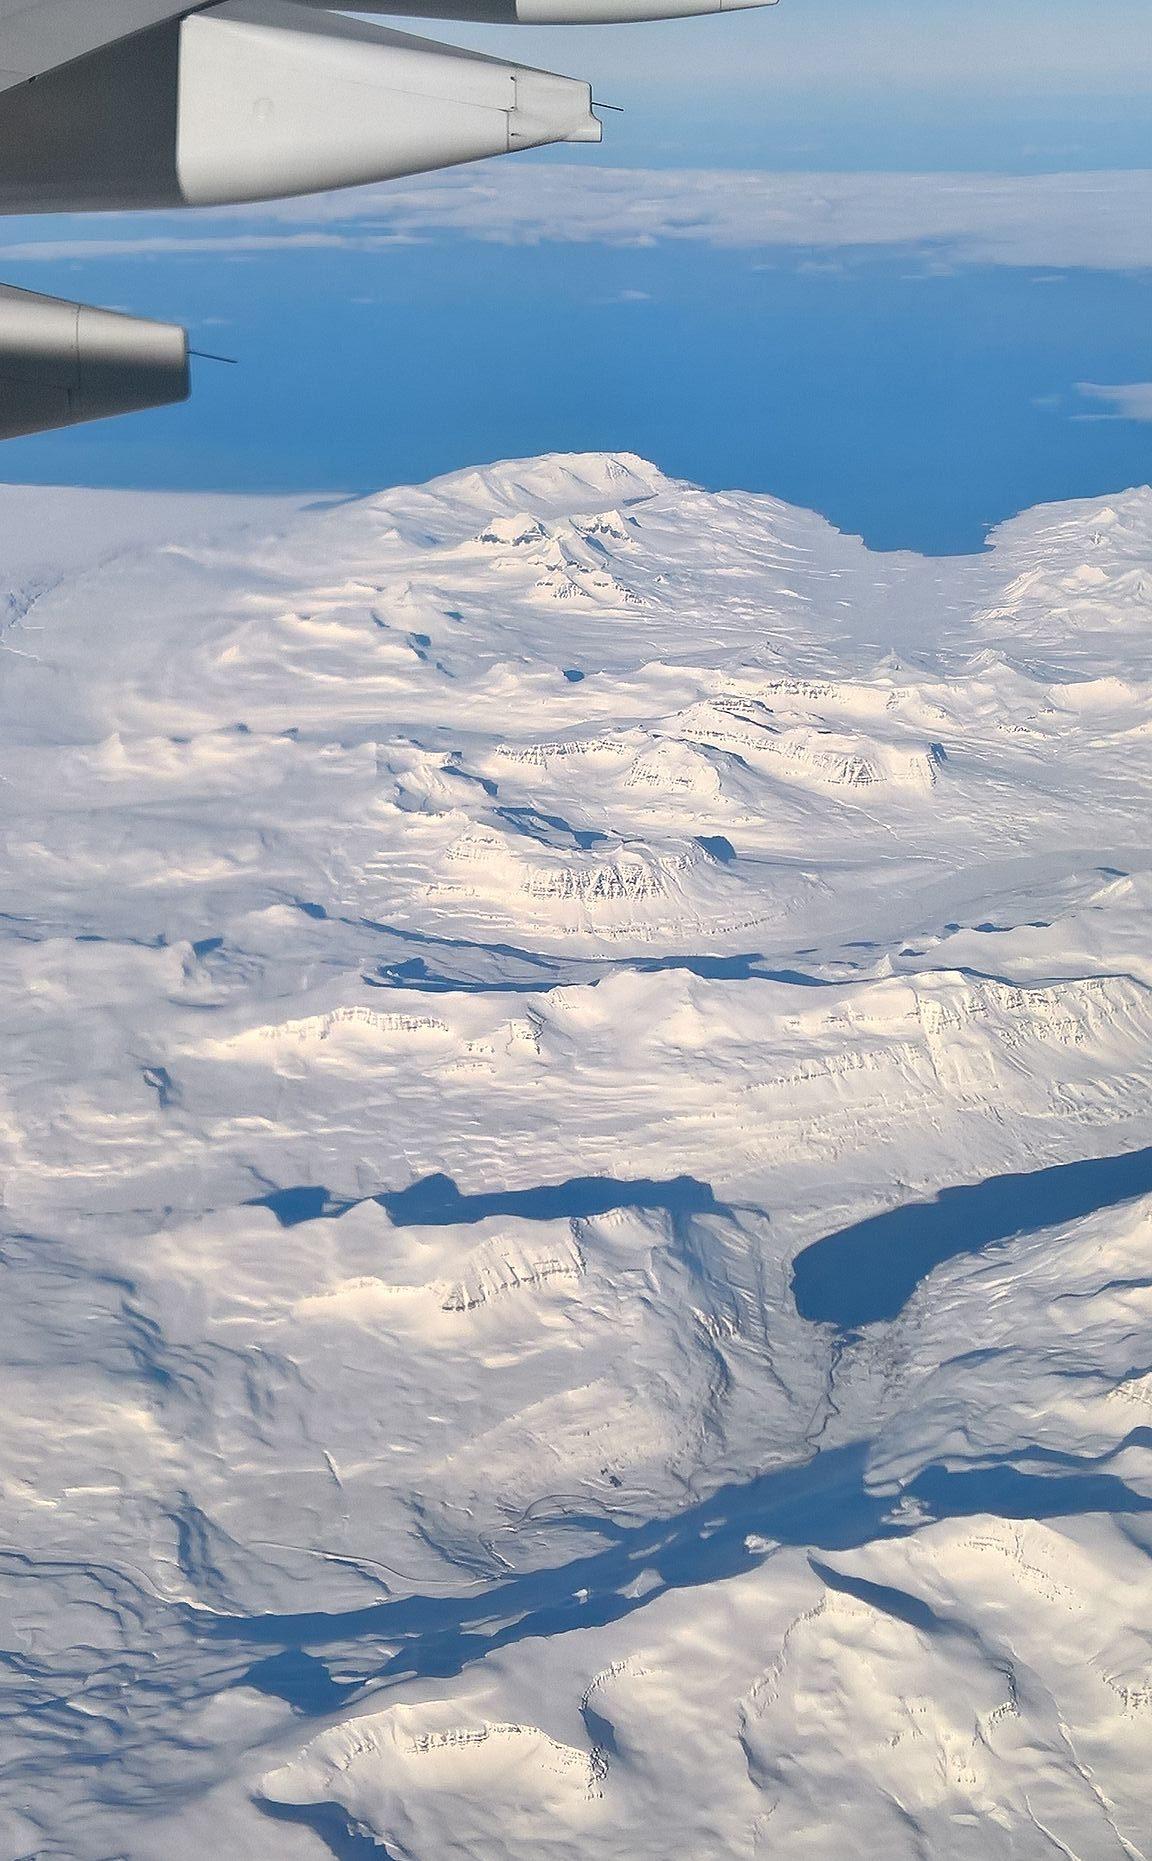 Ainoat miinukset Finnairin Helsinki New York välillä liittyi kylmyyteen. 41 rivin paikat olivat yhtä kylmät kuin Islanti maaliskuussa. Yleensähän koneessa on kuuma, joten viltit olivat käytössä aikuisilla. Toinen ikävä asia oli se, että vauvankoppapaikkoja ei ole ikkunapenkeille. Näin ollen Islannista ei päässyt nauttimaan kuin pikaisesti naapurin penkiltä. Kokonaisuutena kuitenkin lennot olivat yhtä aurinkoiset kuin sää Islannissa.